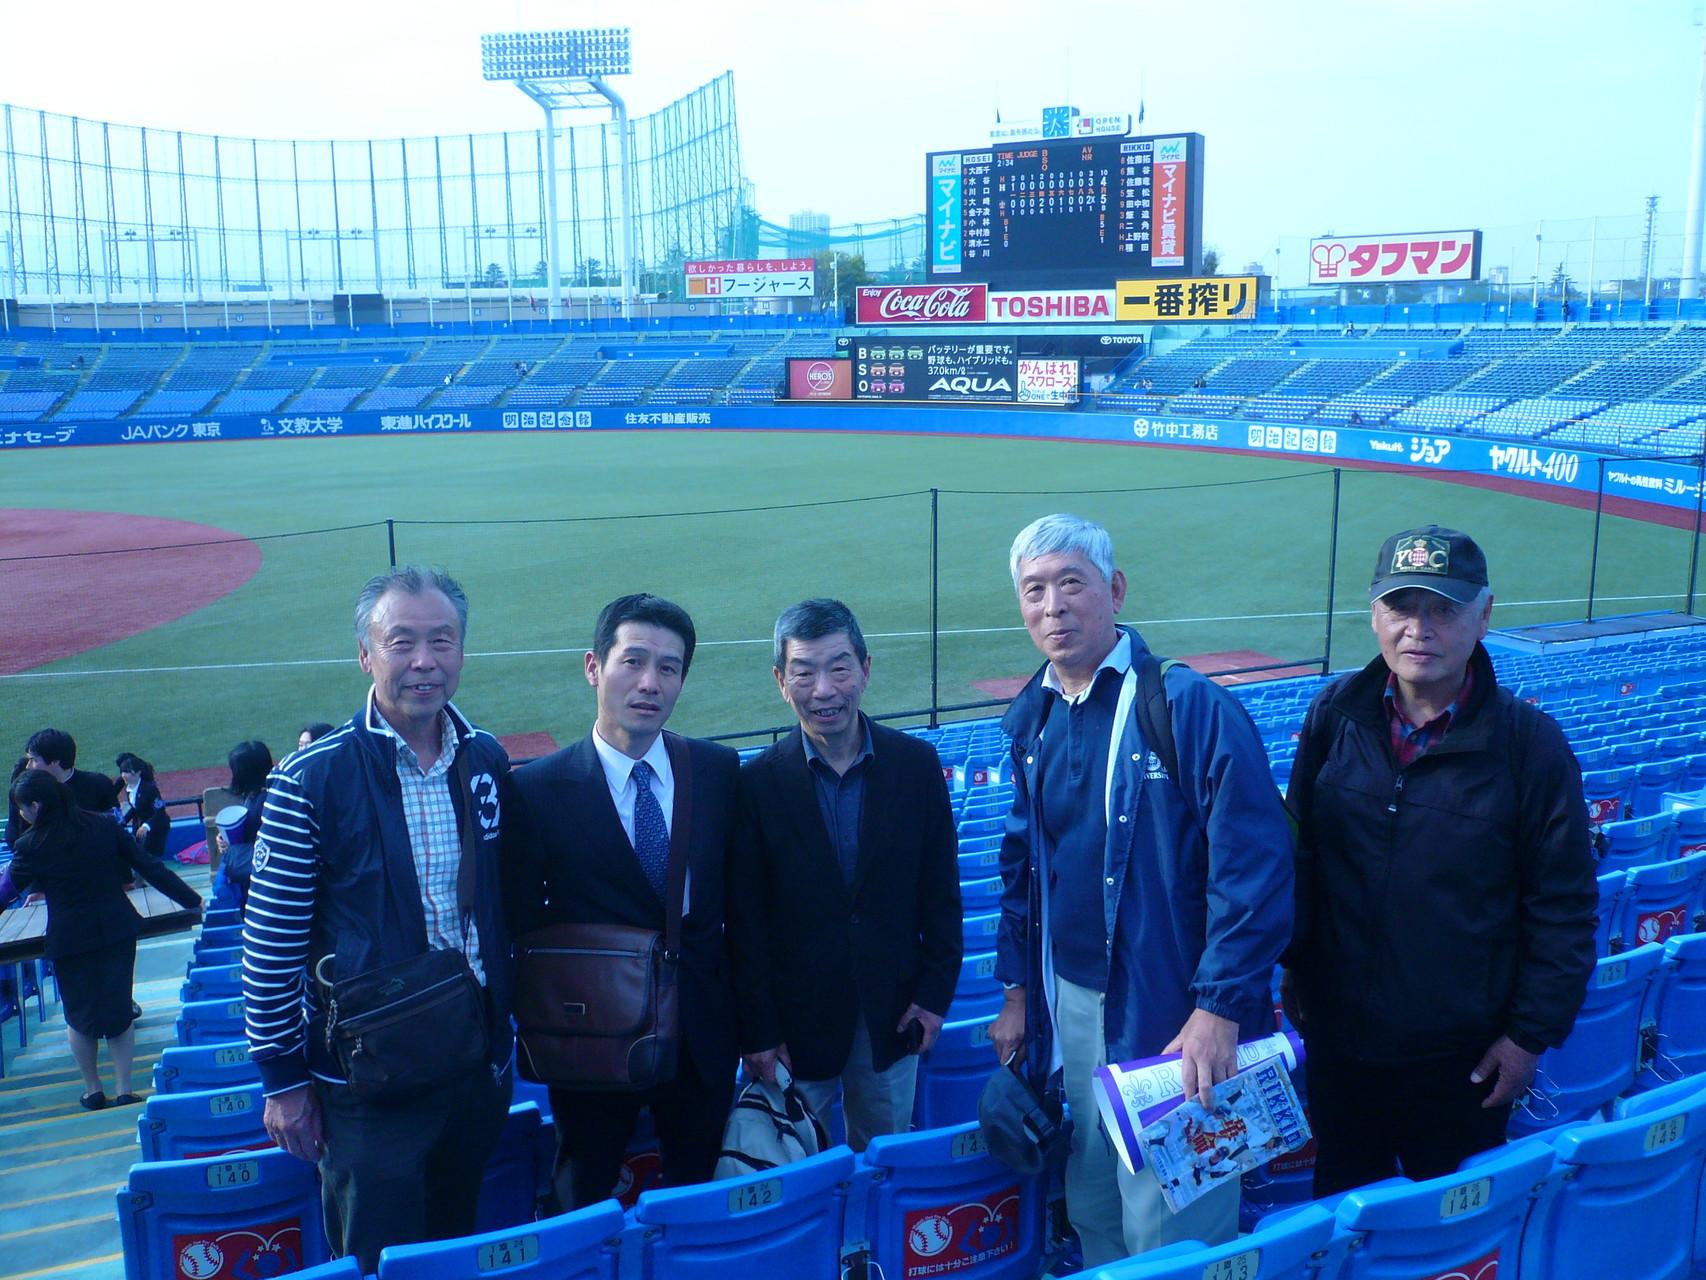 毎年総会の最後閉めてくれる応援団OBでコーチをしている成田さんを囲んで